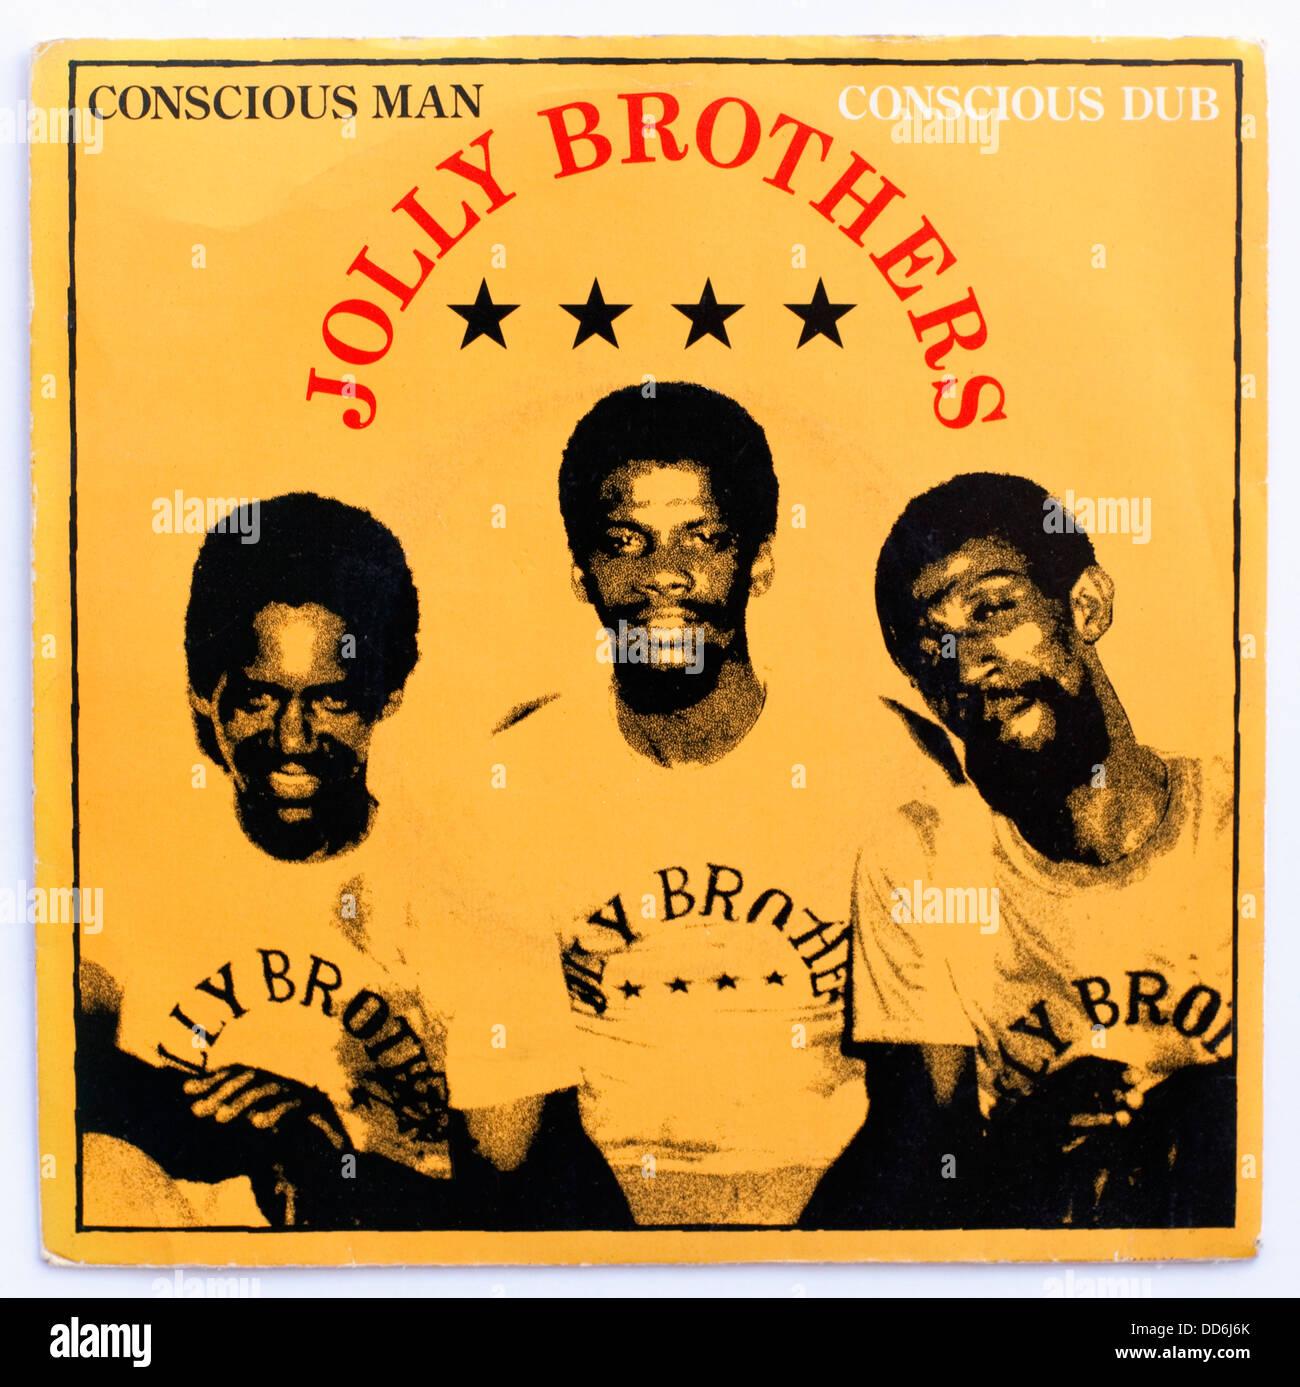 Jolly fratelli - uomo cosciente, 1978 7' immagine di copertina singolo su ballistic/ua Immagini Stock